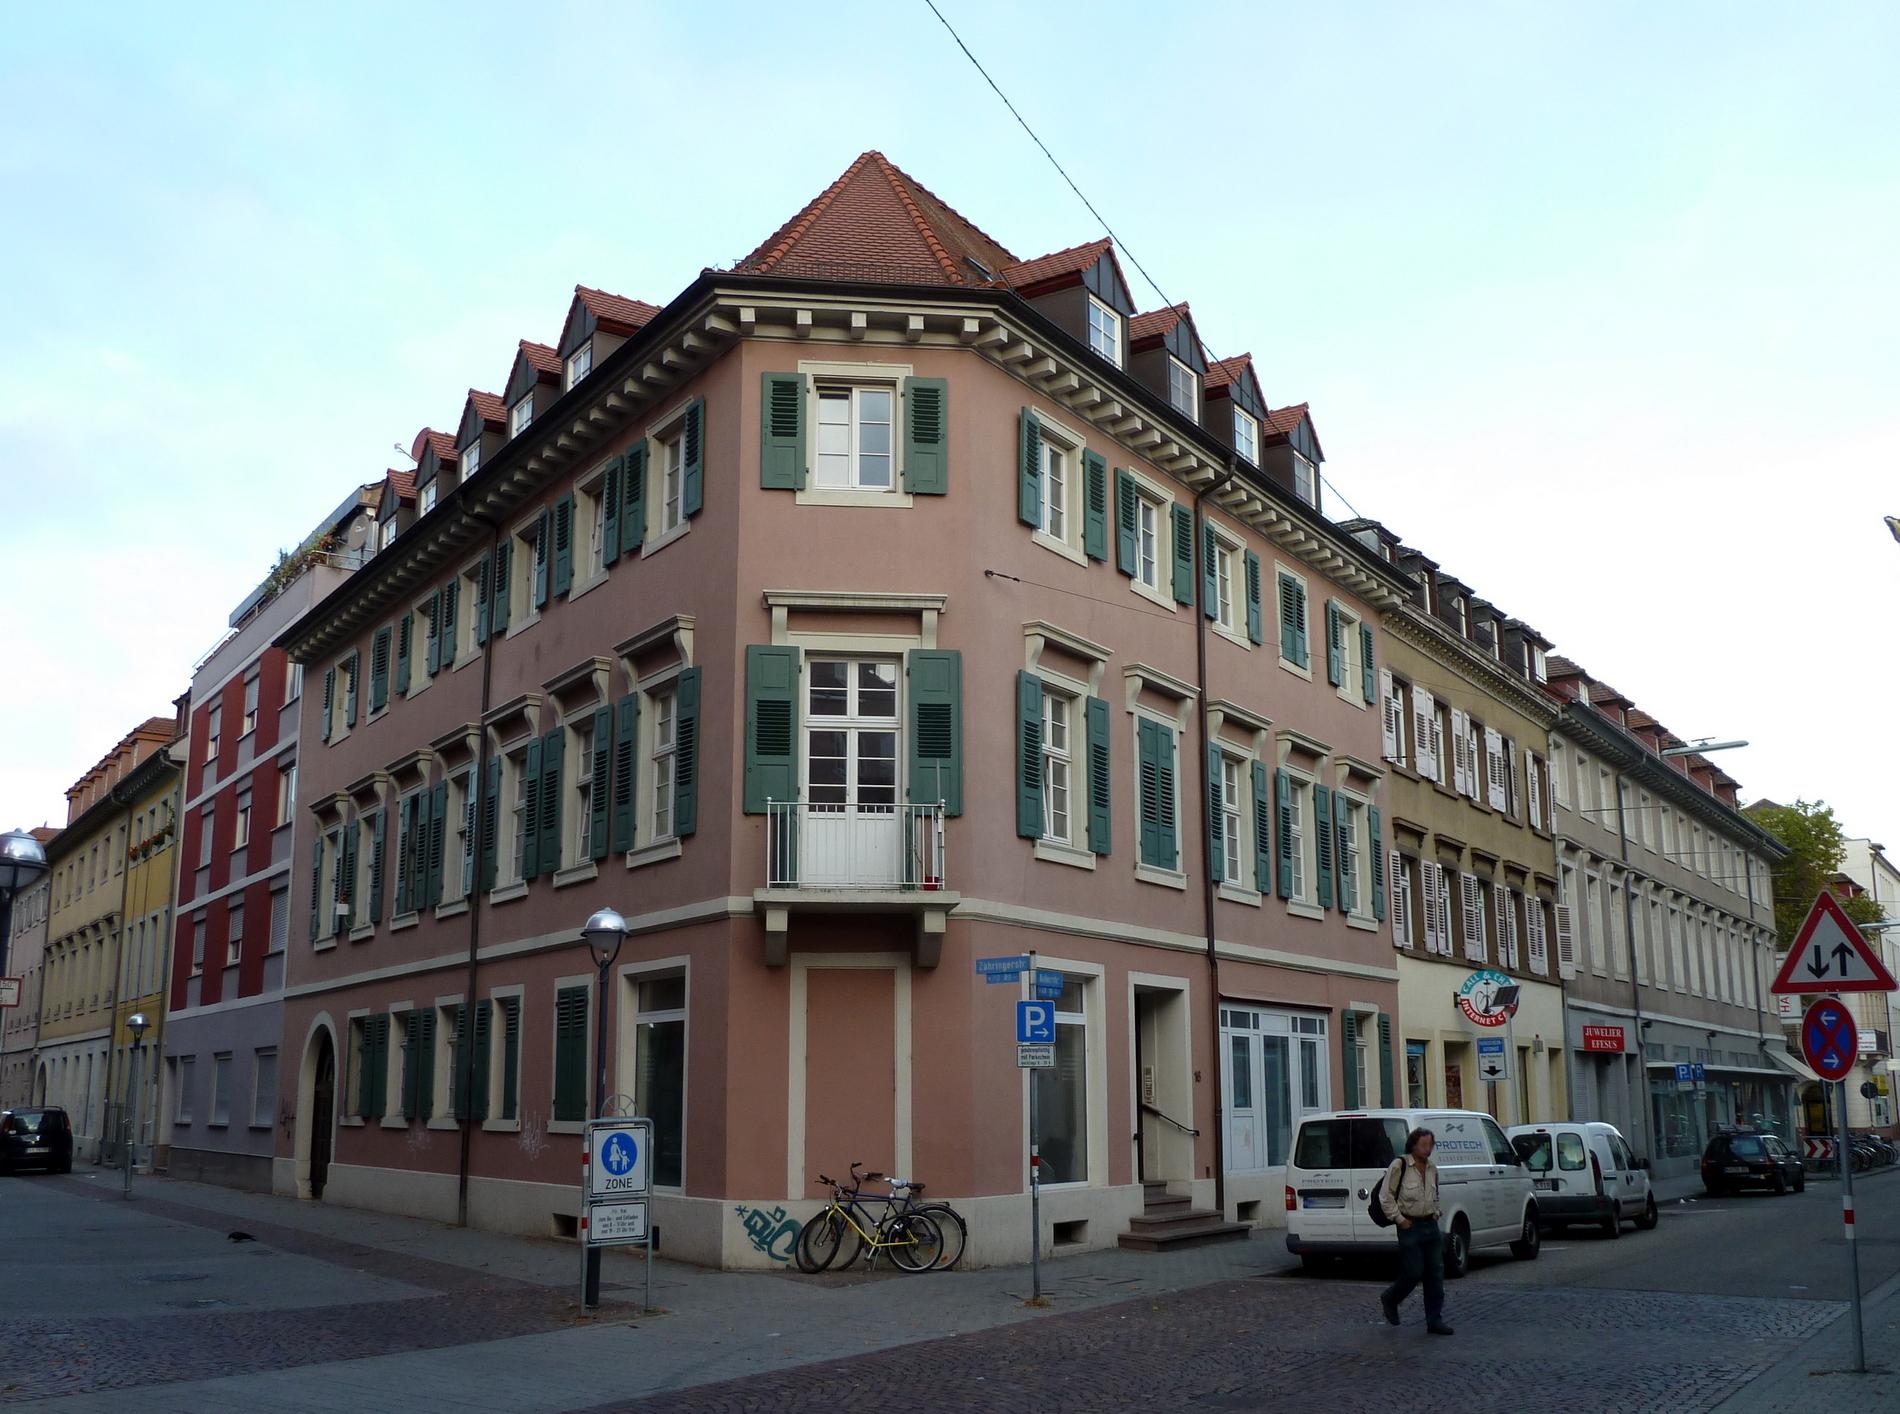 Adler Karlsruhe öffnungszeiten